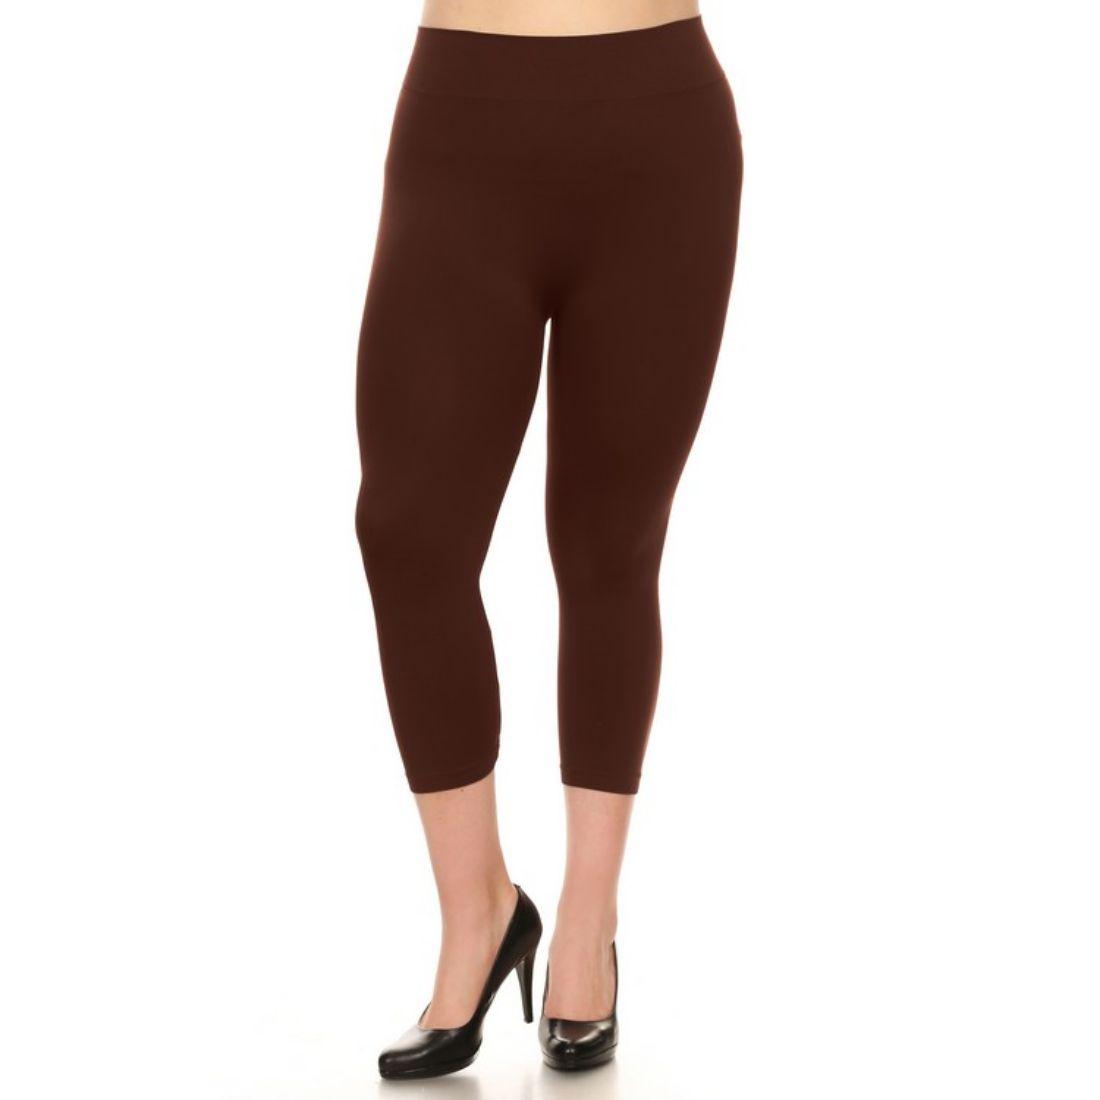 miniature 8 - Femmes Grande Taille Capri Leggings Court Stretch Pantalon Basique Solide Pour